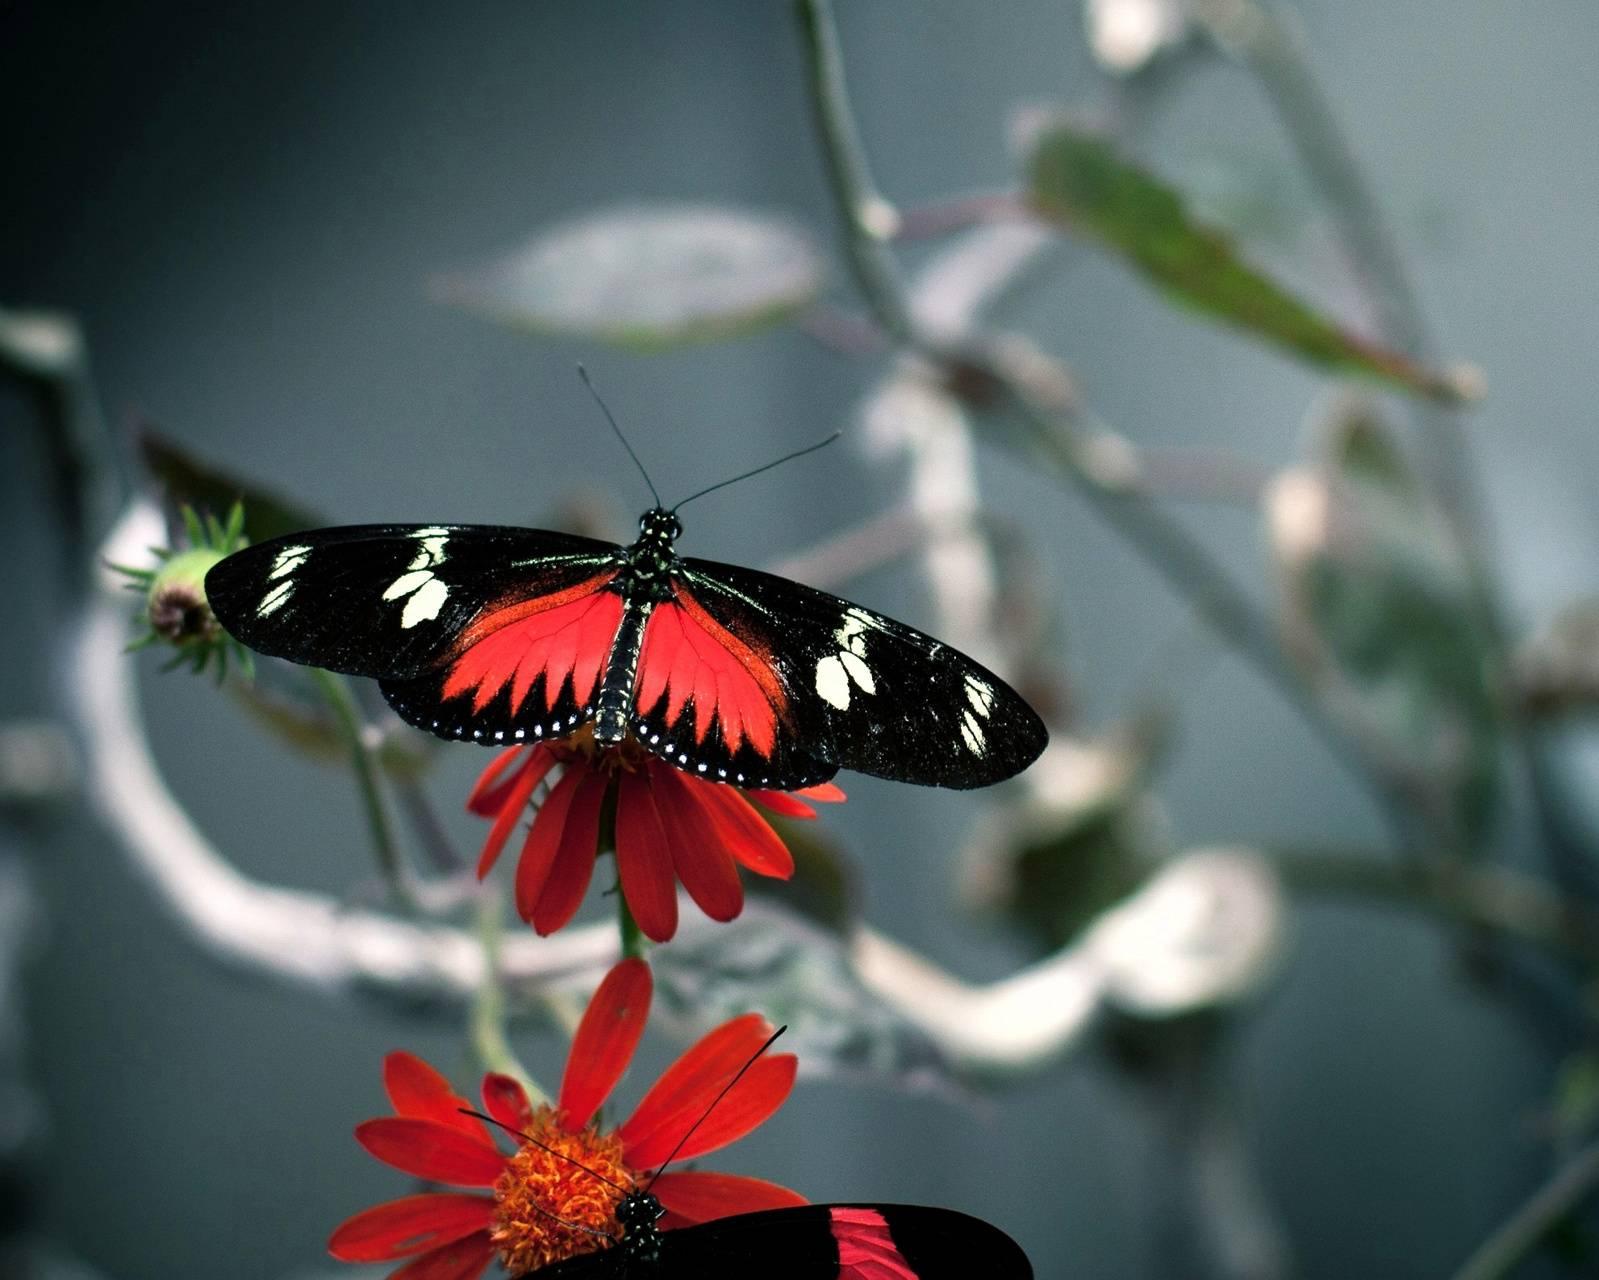 Butterfly-wide